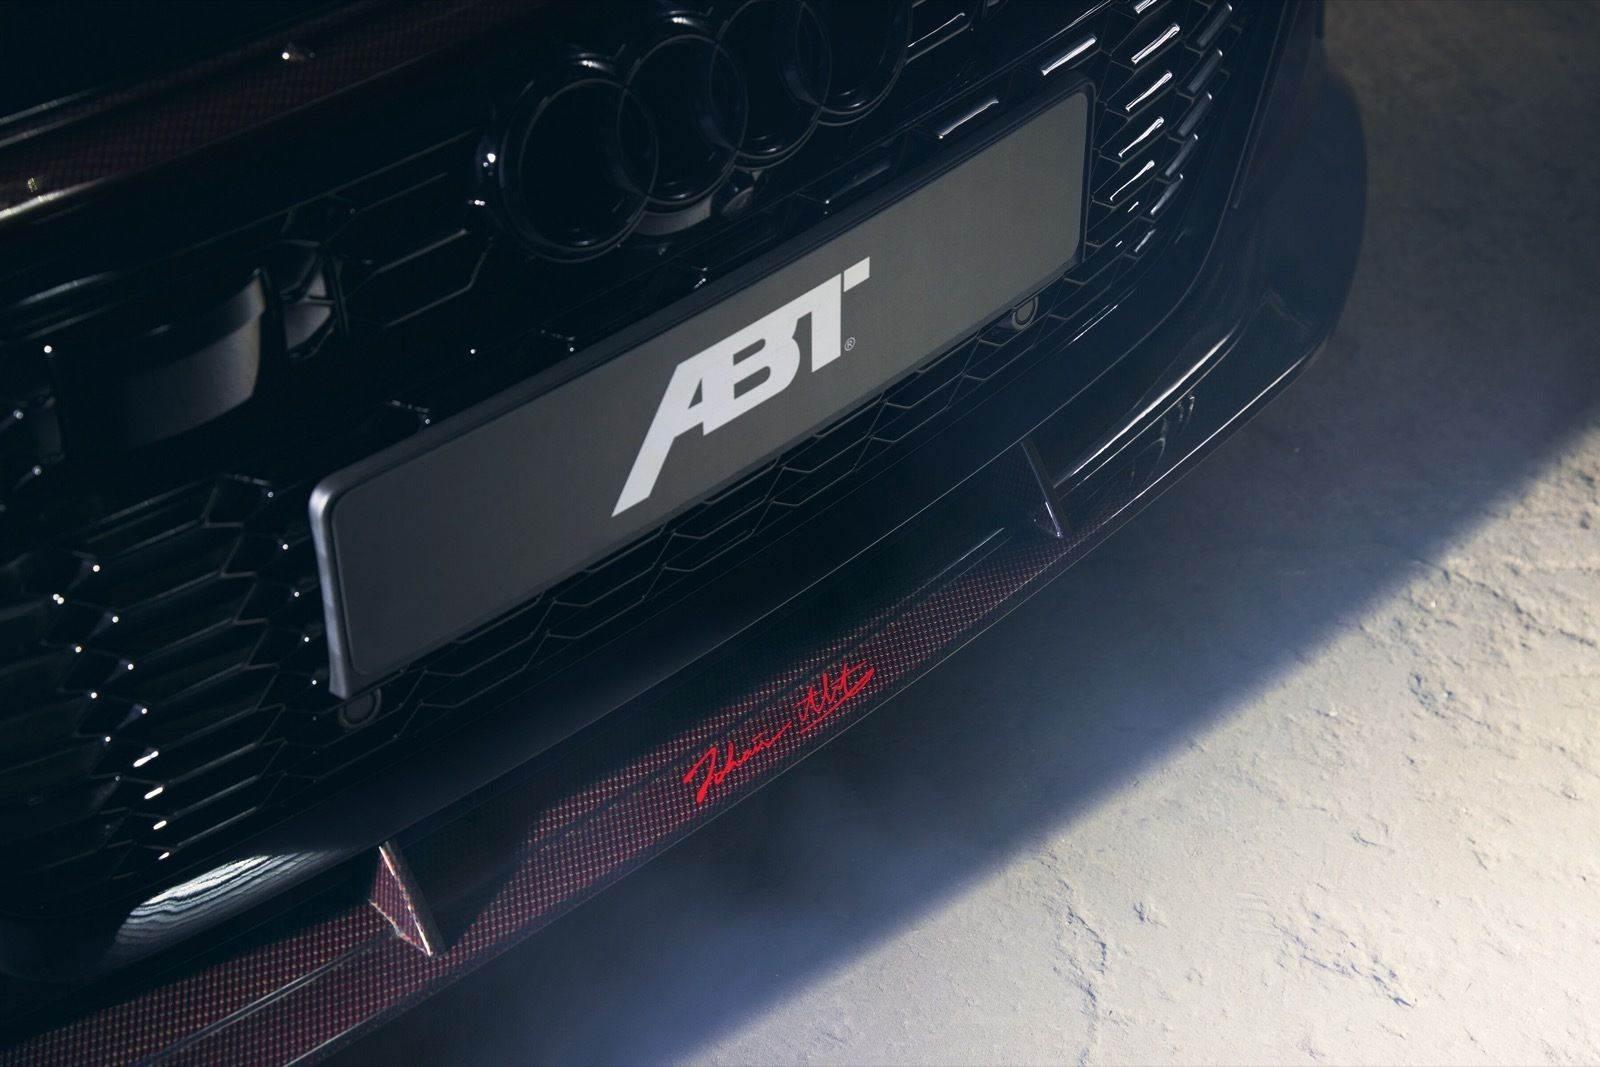 Audi_RS6_Johann_Abt_Signature_Edition-0005